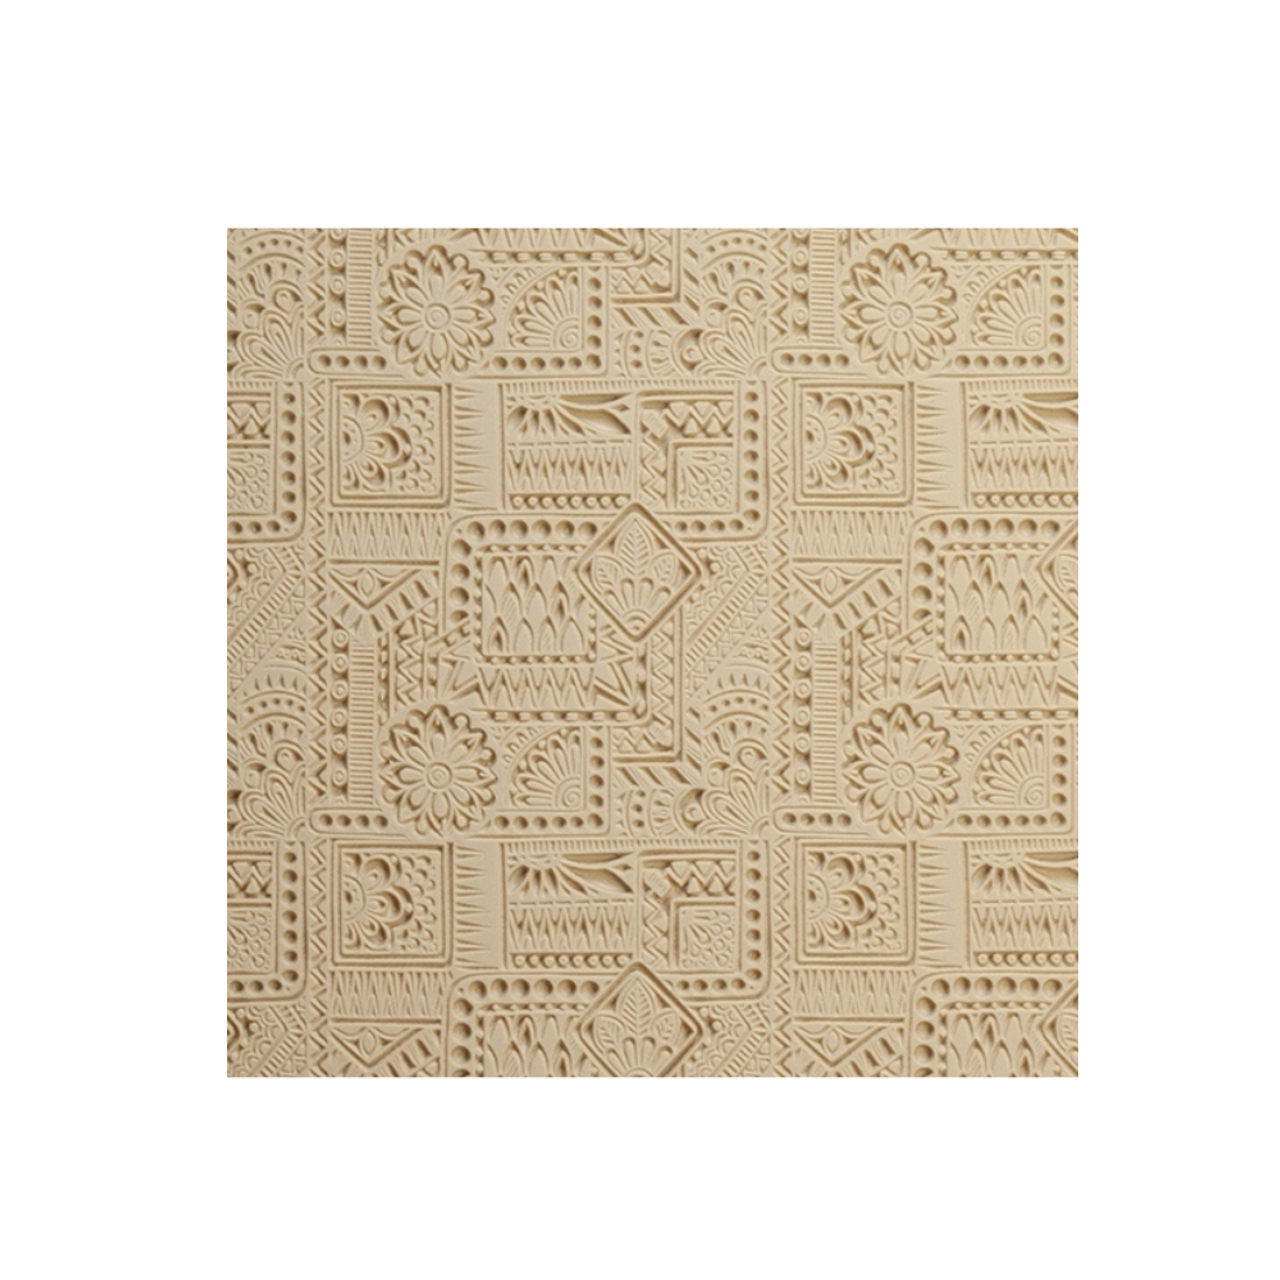 Mega Texture Tile - Botany Borders